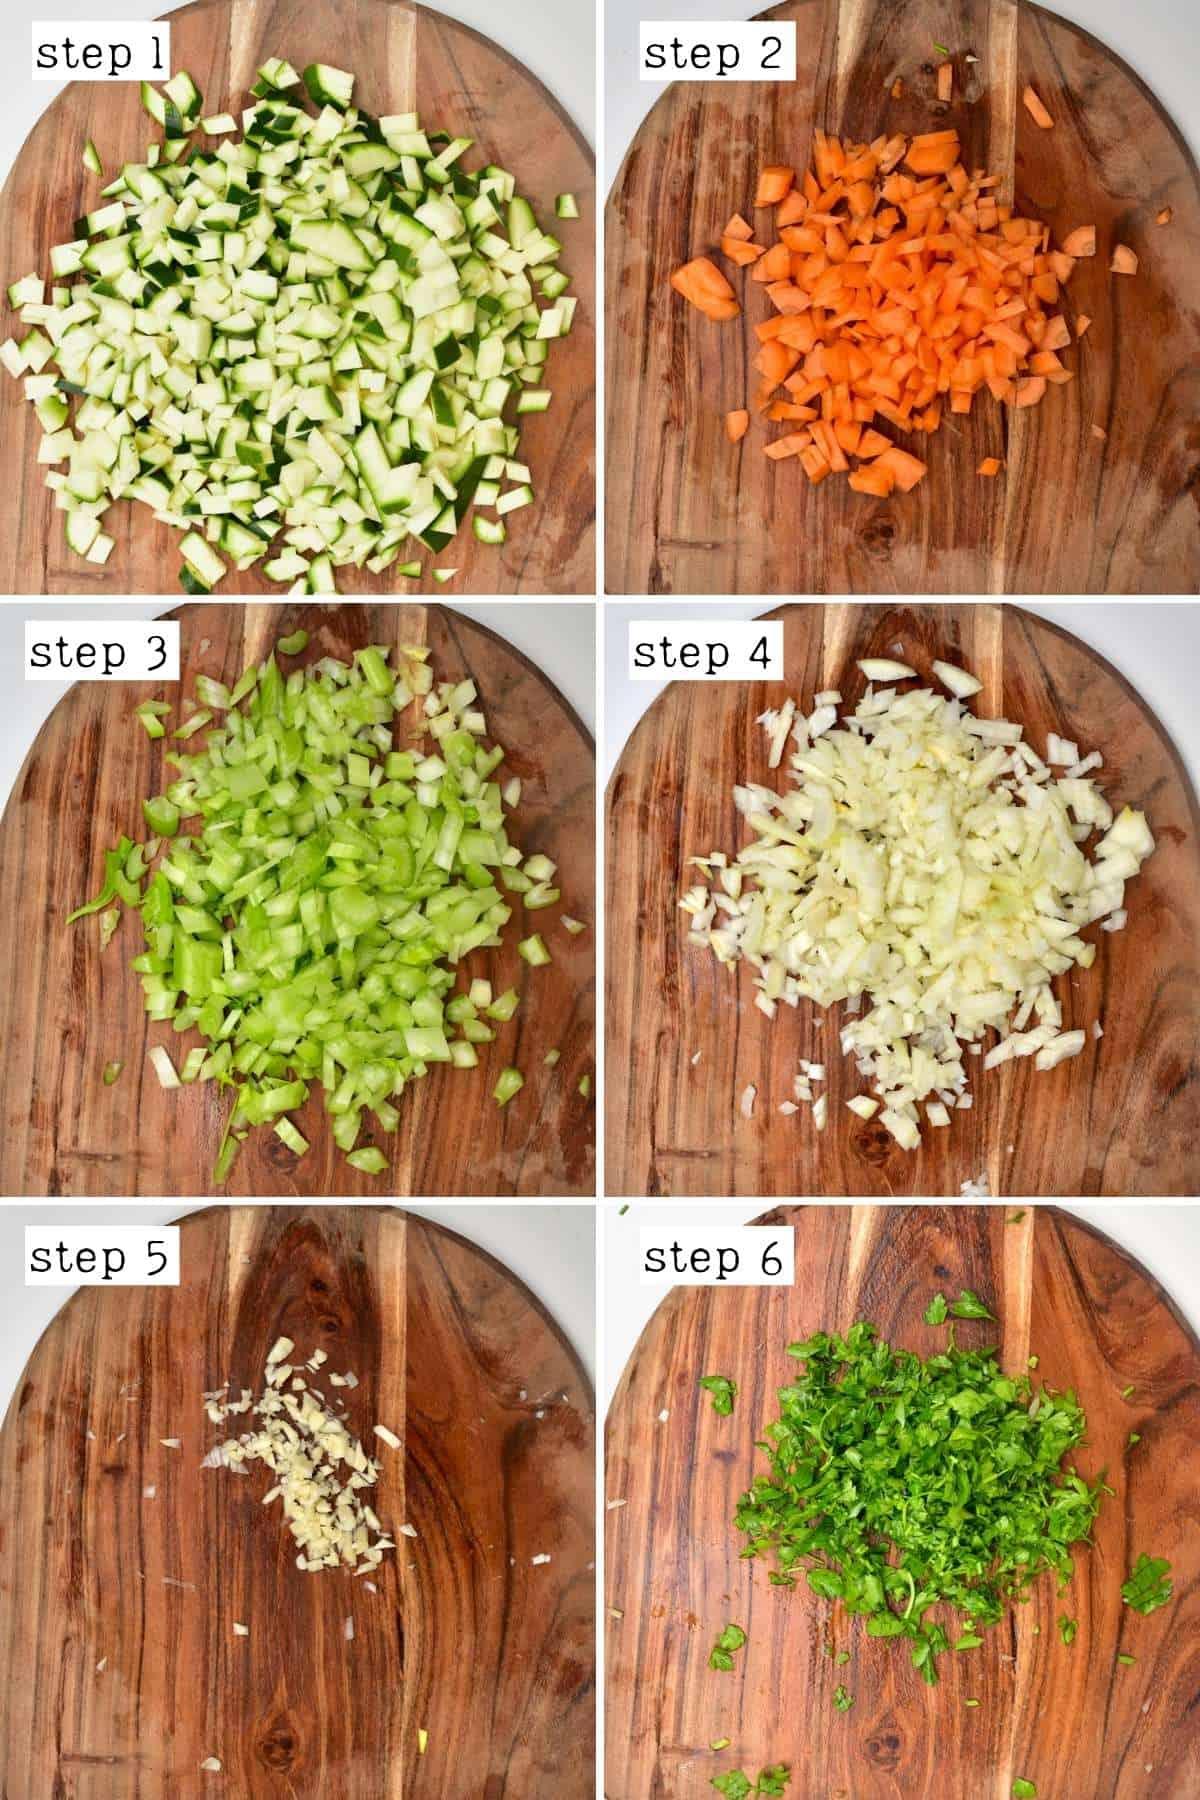 Steps for chopping vegetable